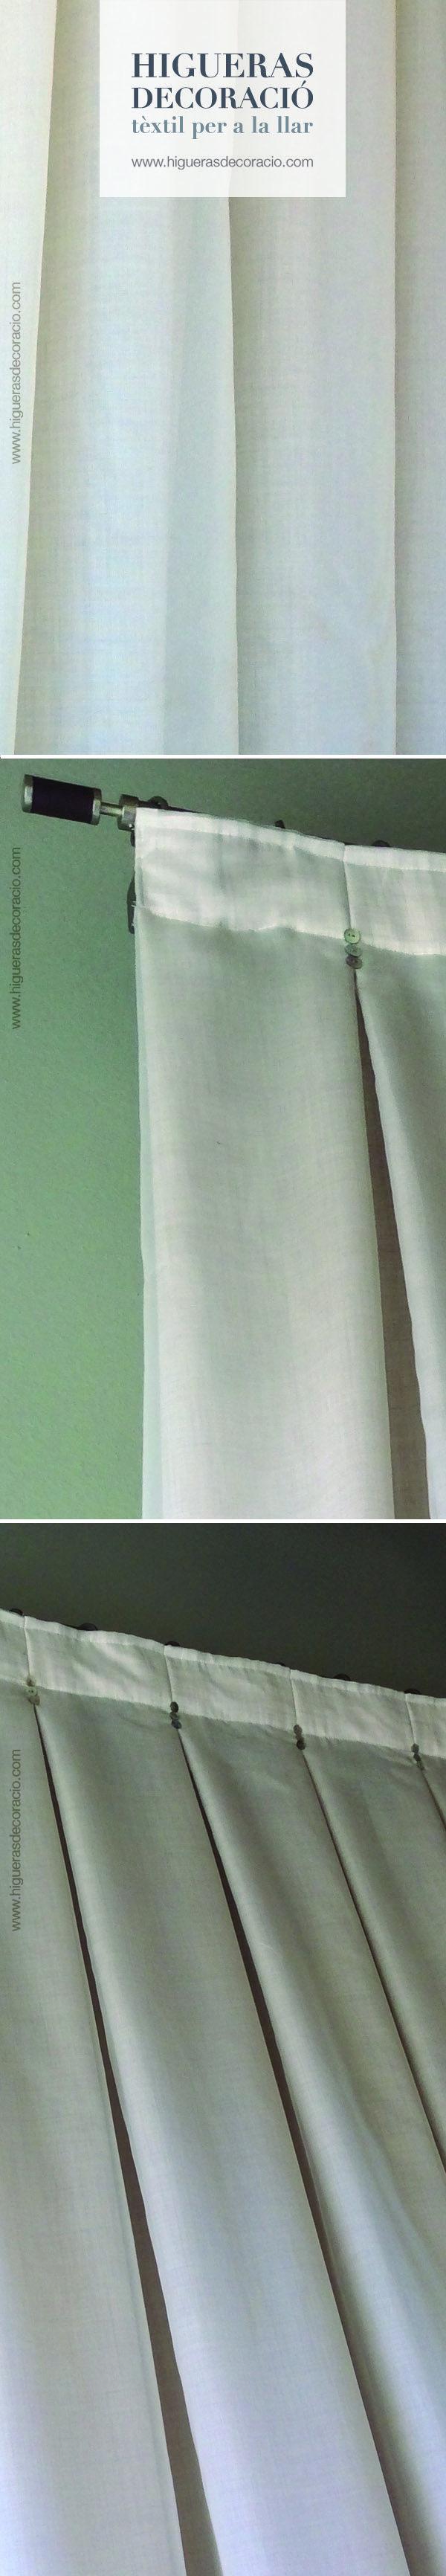 Consigue aire fresco con cortinas de tejidos naturales como el algodón o el lino. Las barras son fáciles de instalar y decorativas.  - www.higuerasdecoracio.com